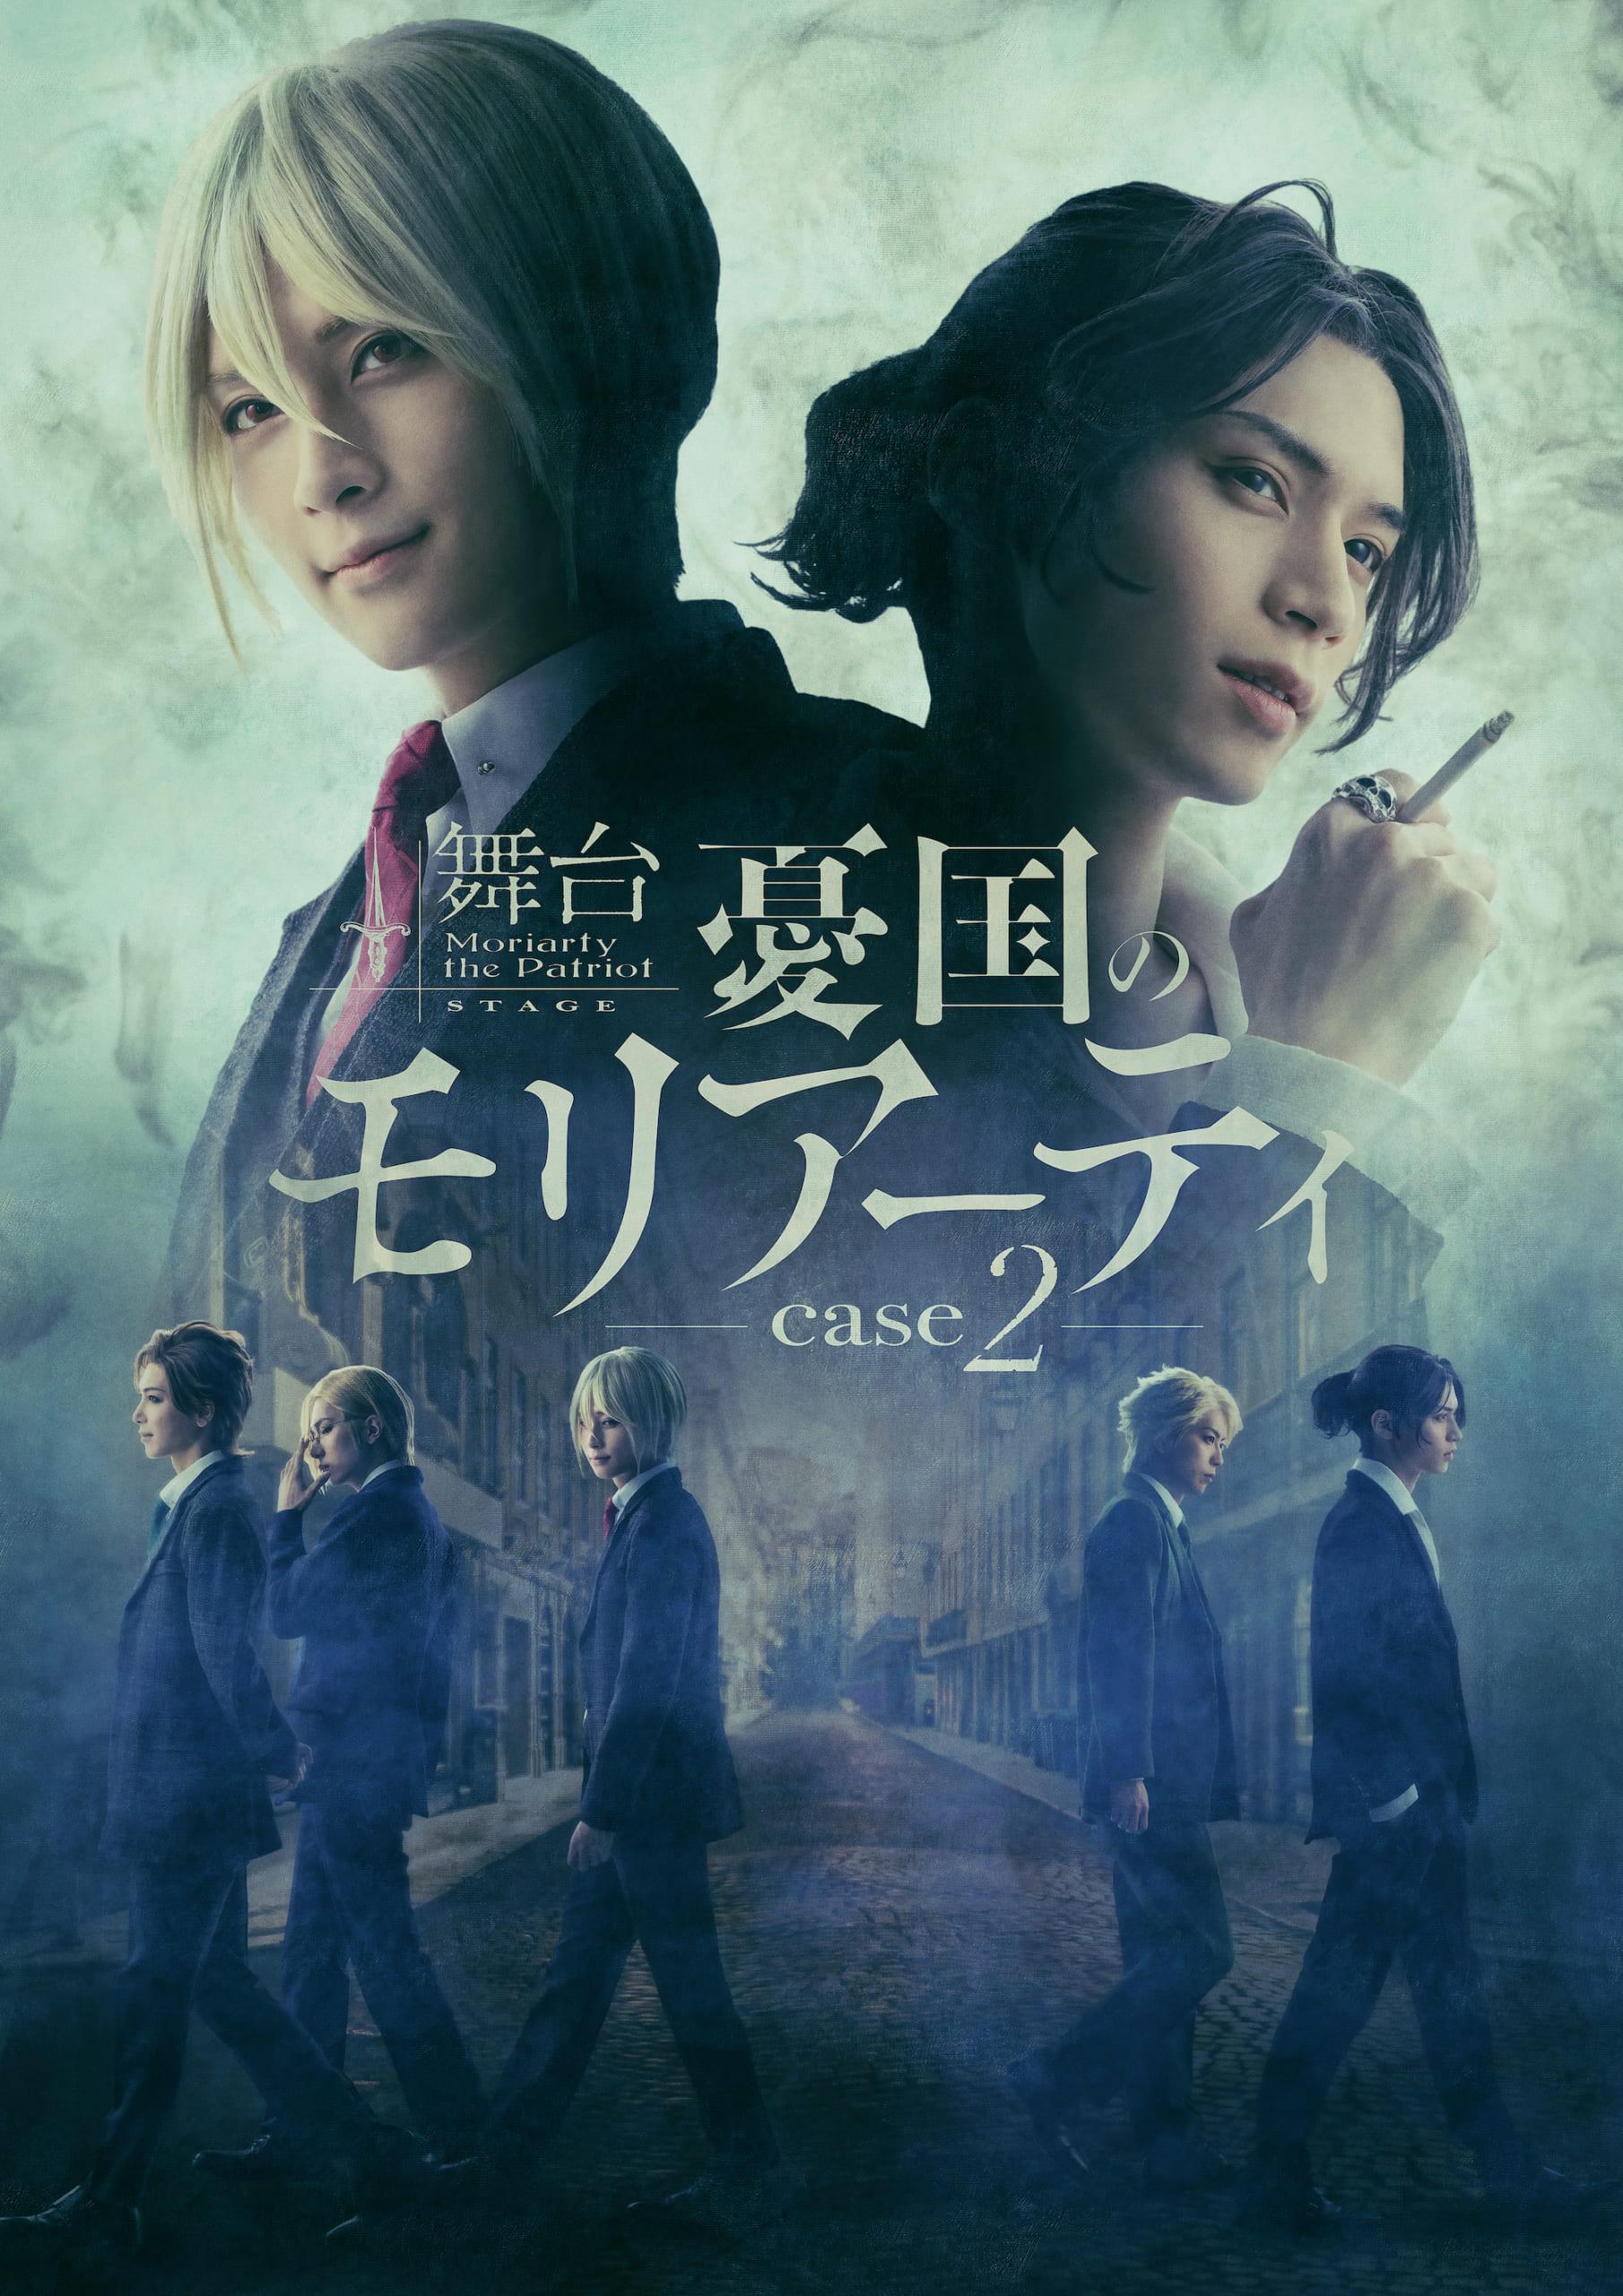 舞台「憂国のモリアーティ case 2」キービジュアル・第二弾出演キャスト・あらすじが一挙公開!